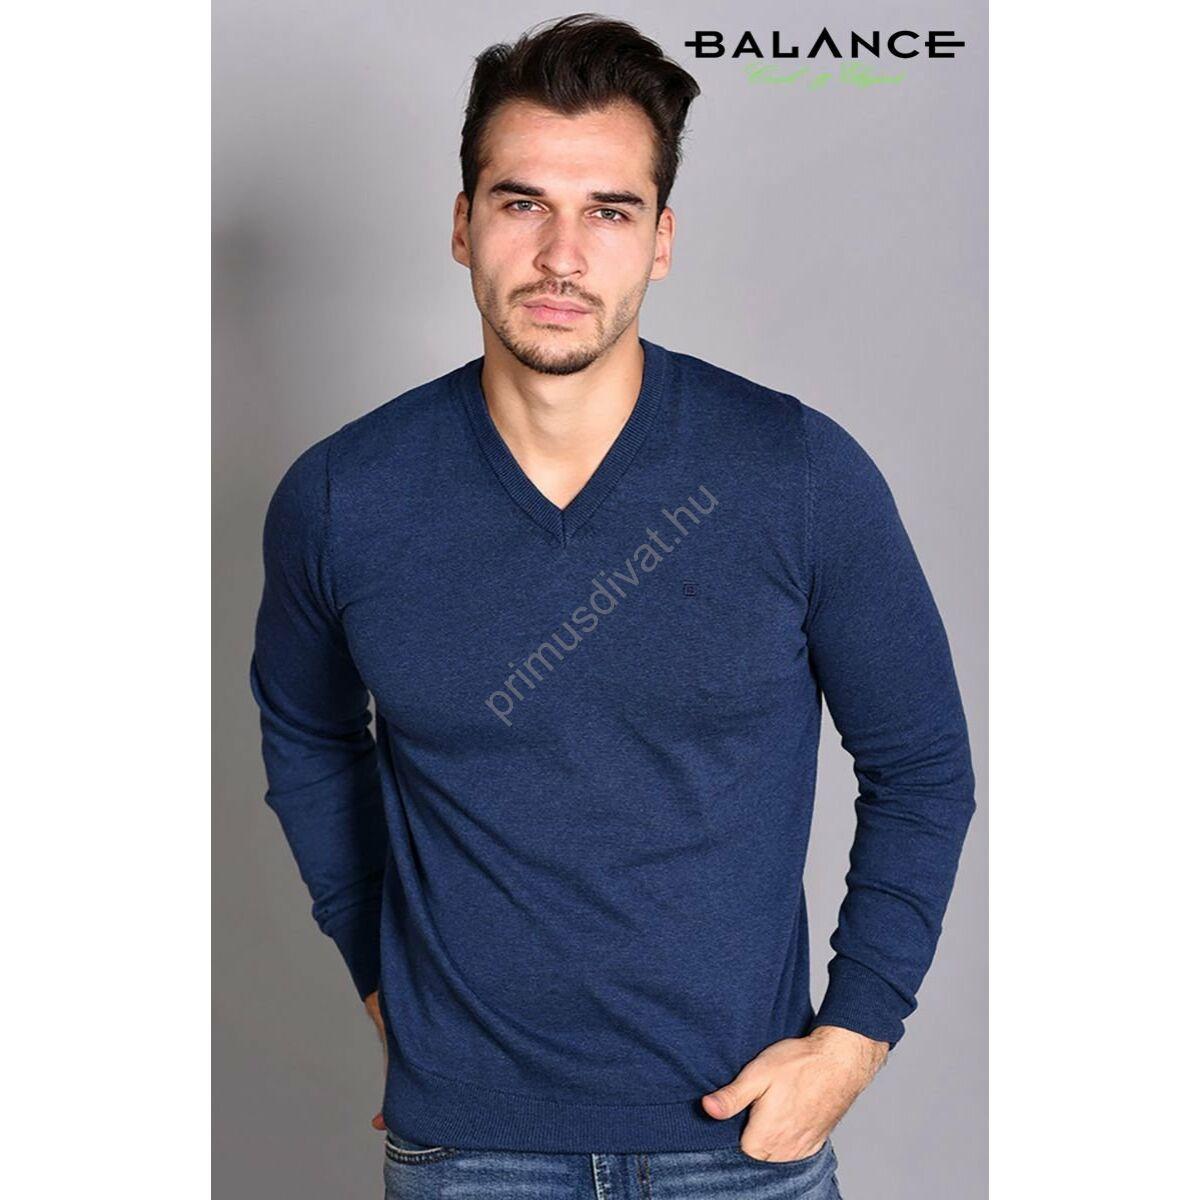 8f550c043a Kép 1/1 - Balance vékony kötött V-nyakú pamut pulóver, sötétkék-melange